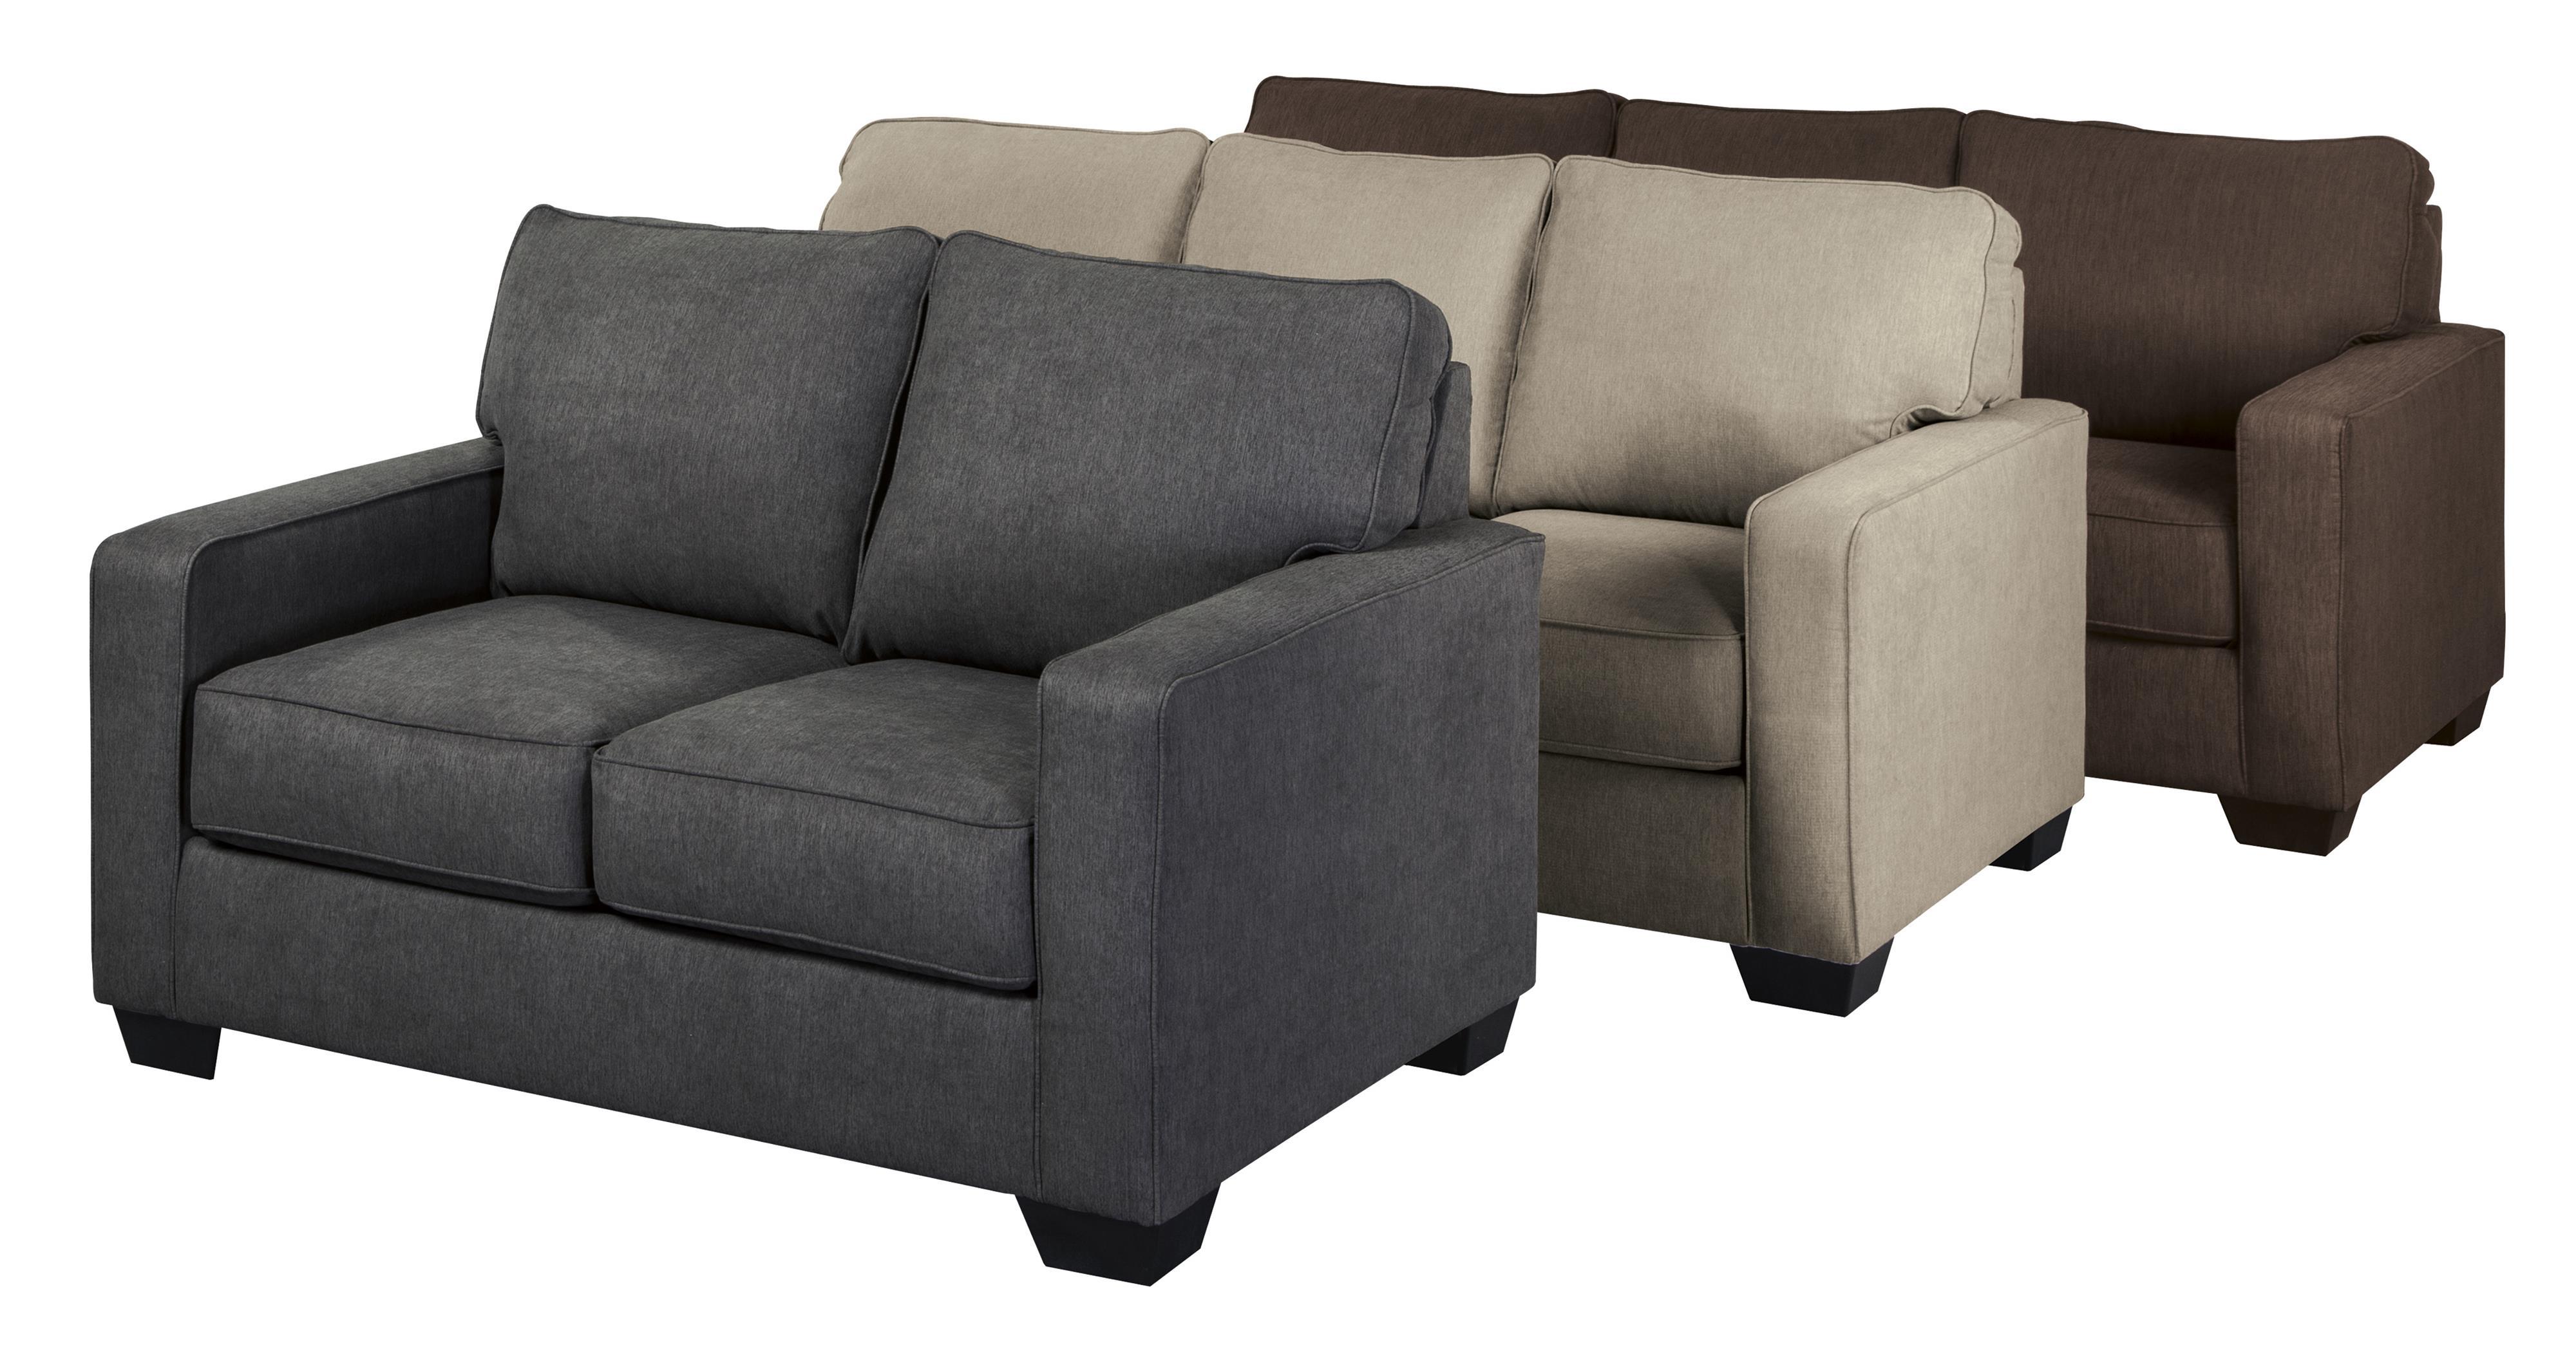 Zoe Full Sofa Sleeper With Memory Foam Mattress Ruby Gordon Home Sofa Sleeper